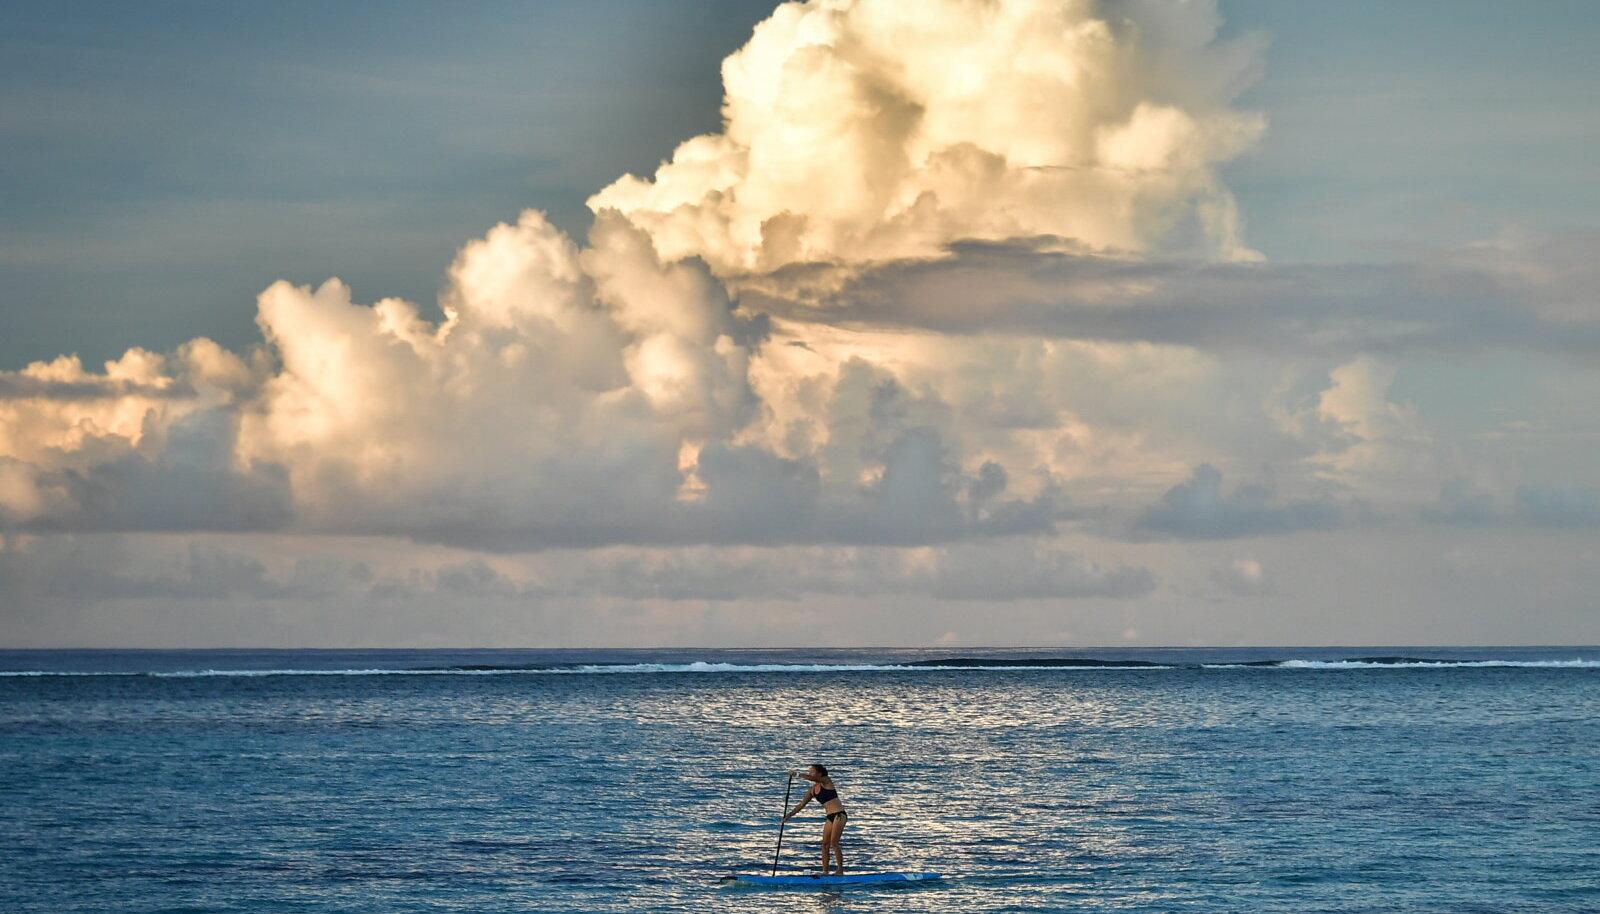 Mariaani süviku vahetus ligiduses asuvad Mariaani saared, kus ookeanivee õgimisest küll ühtegi märki ei ole.